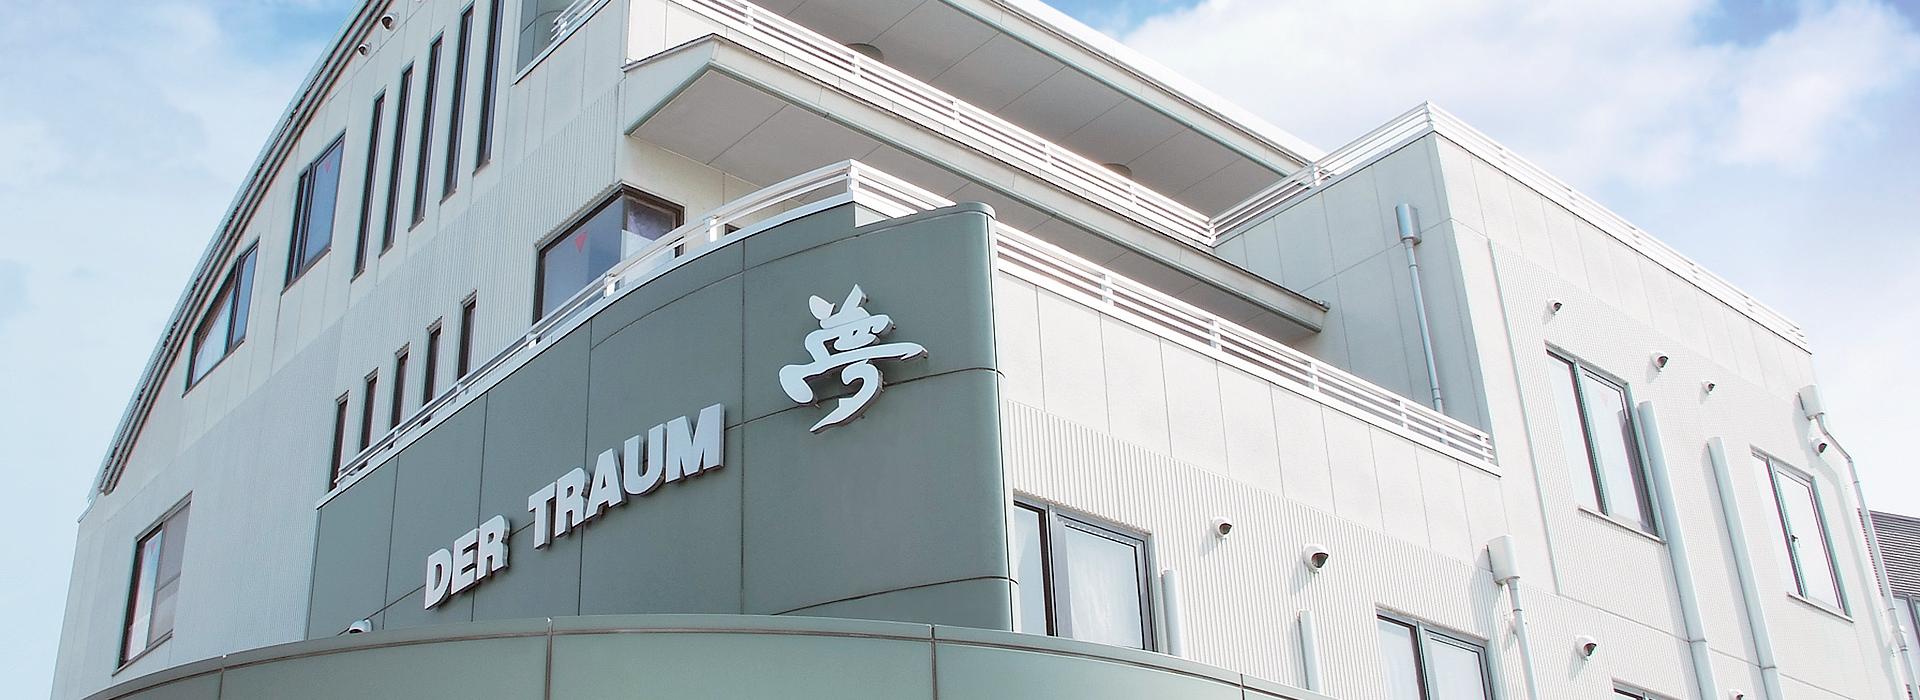 企業情報 - 株式会社デルトラウム